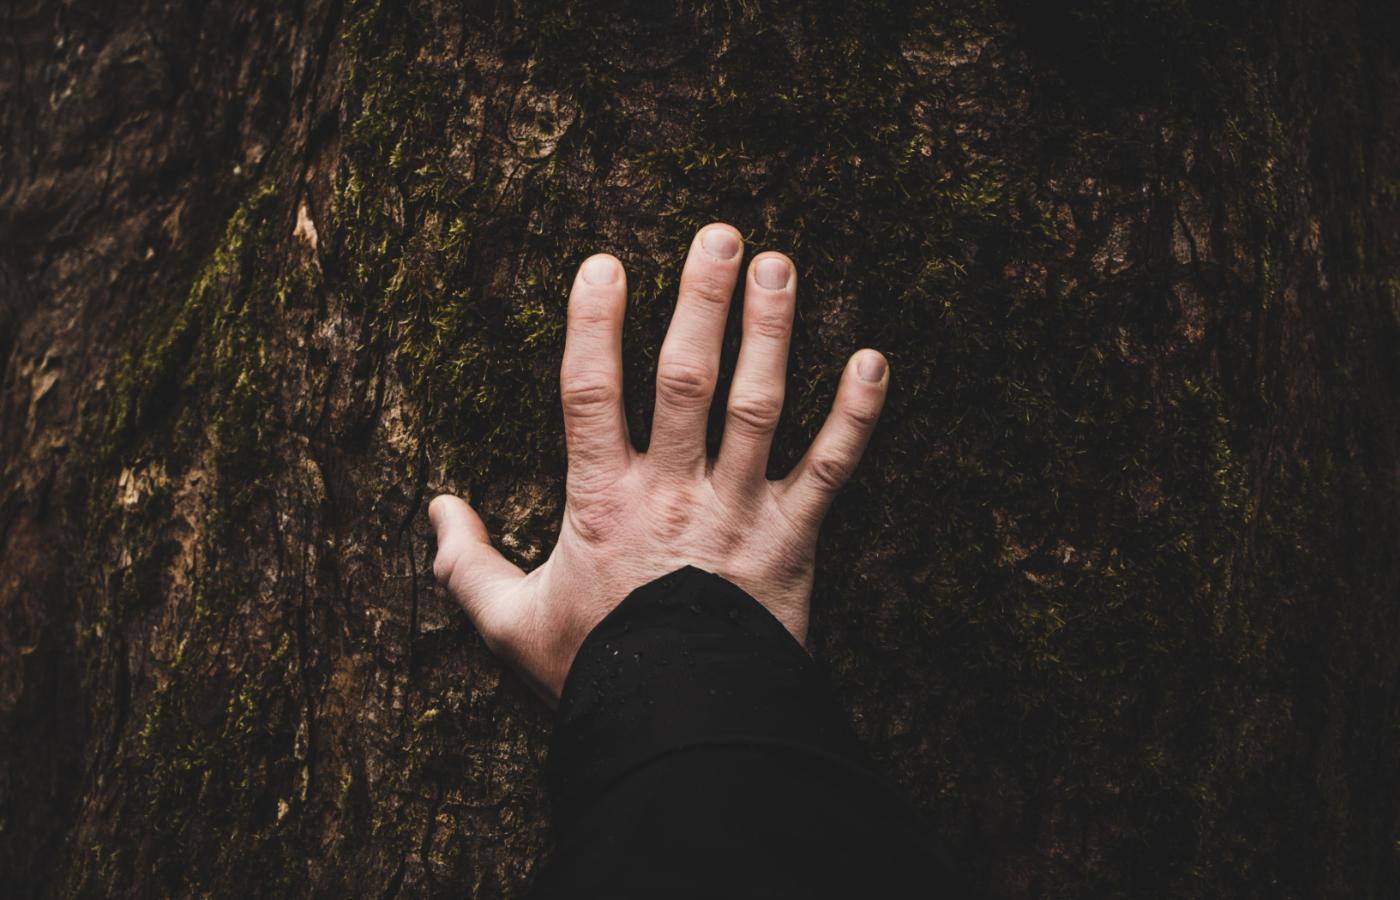 darmowy portal dla osób niesłyszących w Kanadzie 101 pytań randkowych